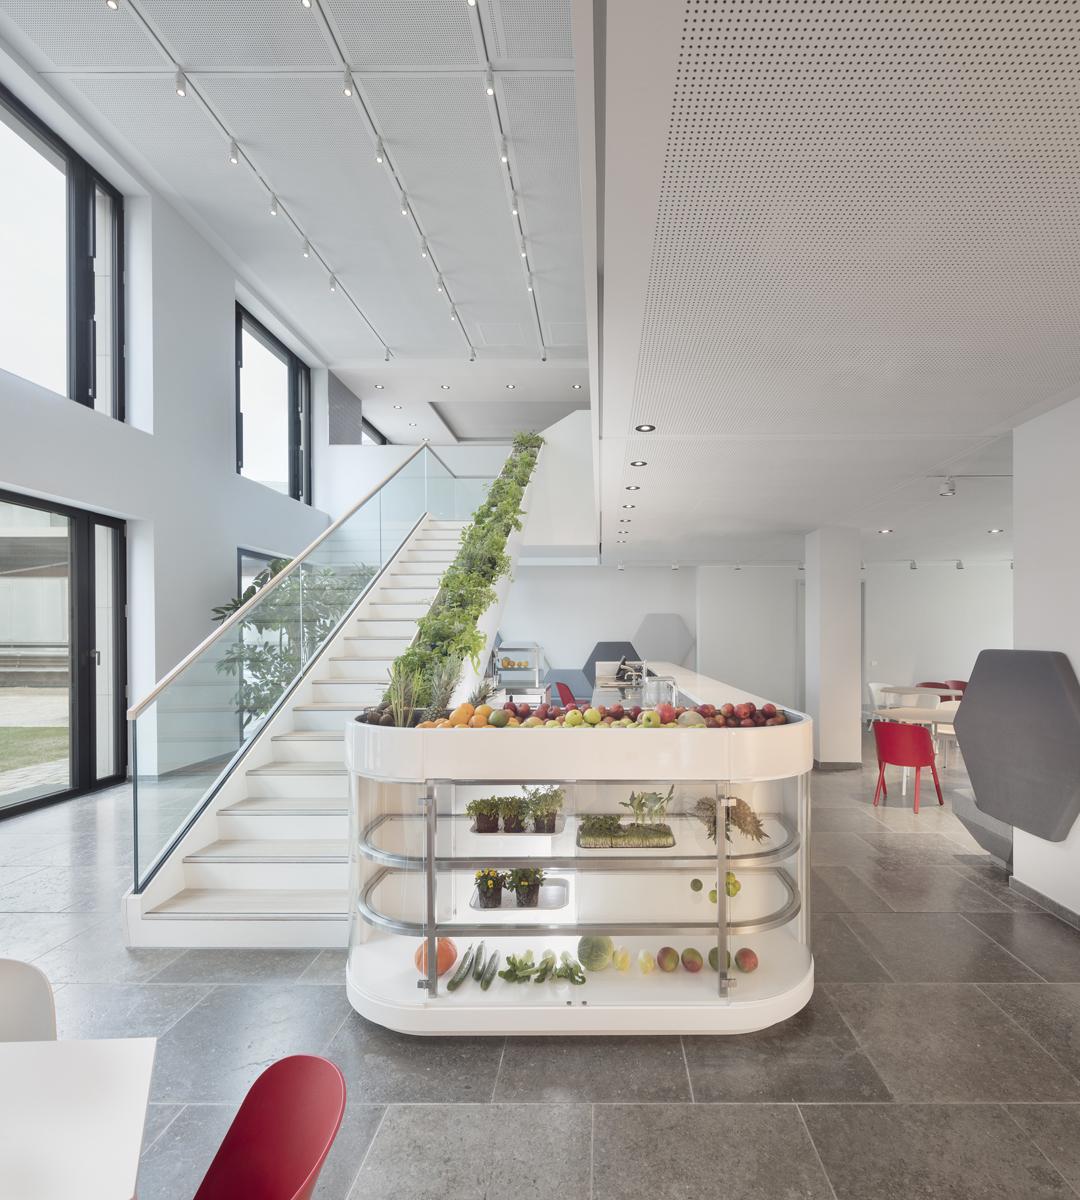 Helle Cafeteria mit zentraler Espresso- und Smoothie-Bar und Treppe nach oben in die Kantine. In der Barvitrine werden mit Pflanzenleuchten Jungpflanzen für Smoothies kultiviert. Die Treppenseite ist mit Kräutern bepflanzt.